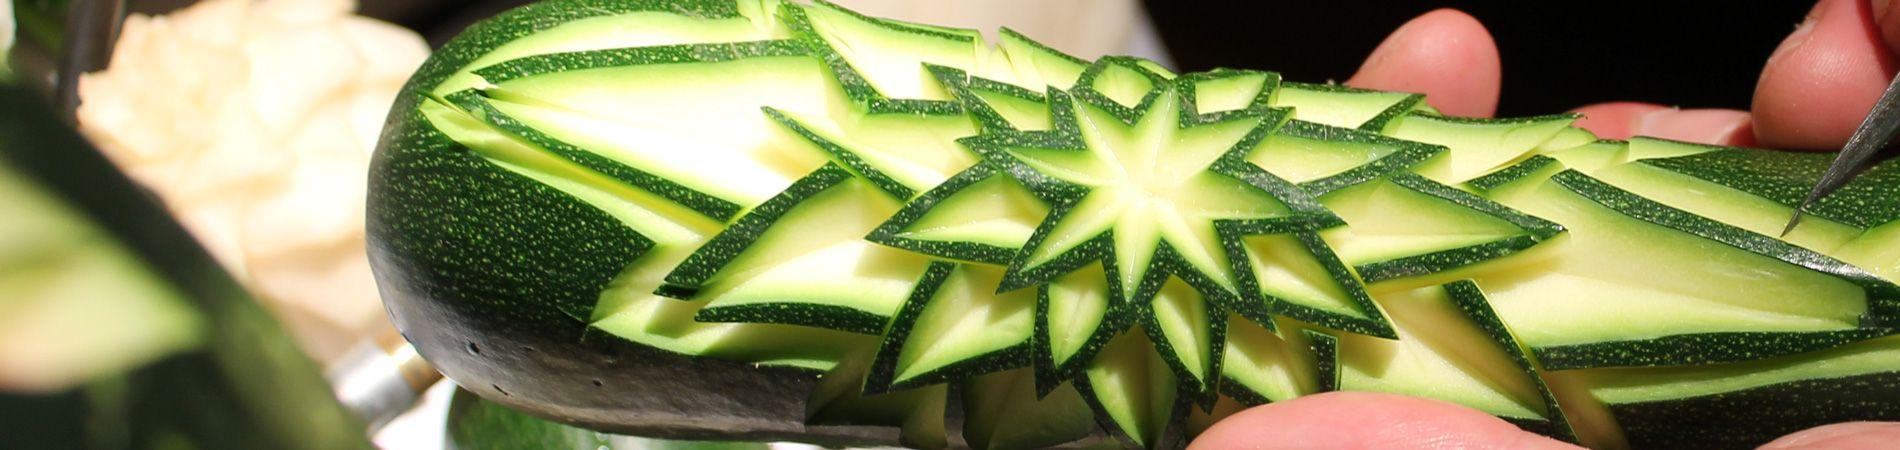 Sculptures sur légumes